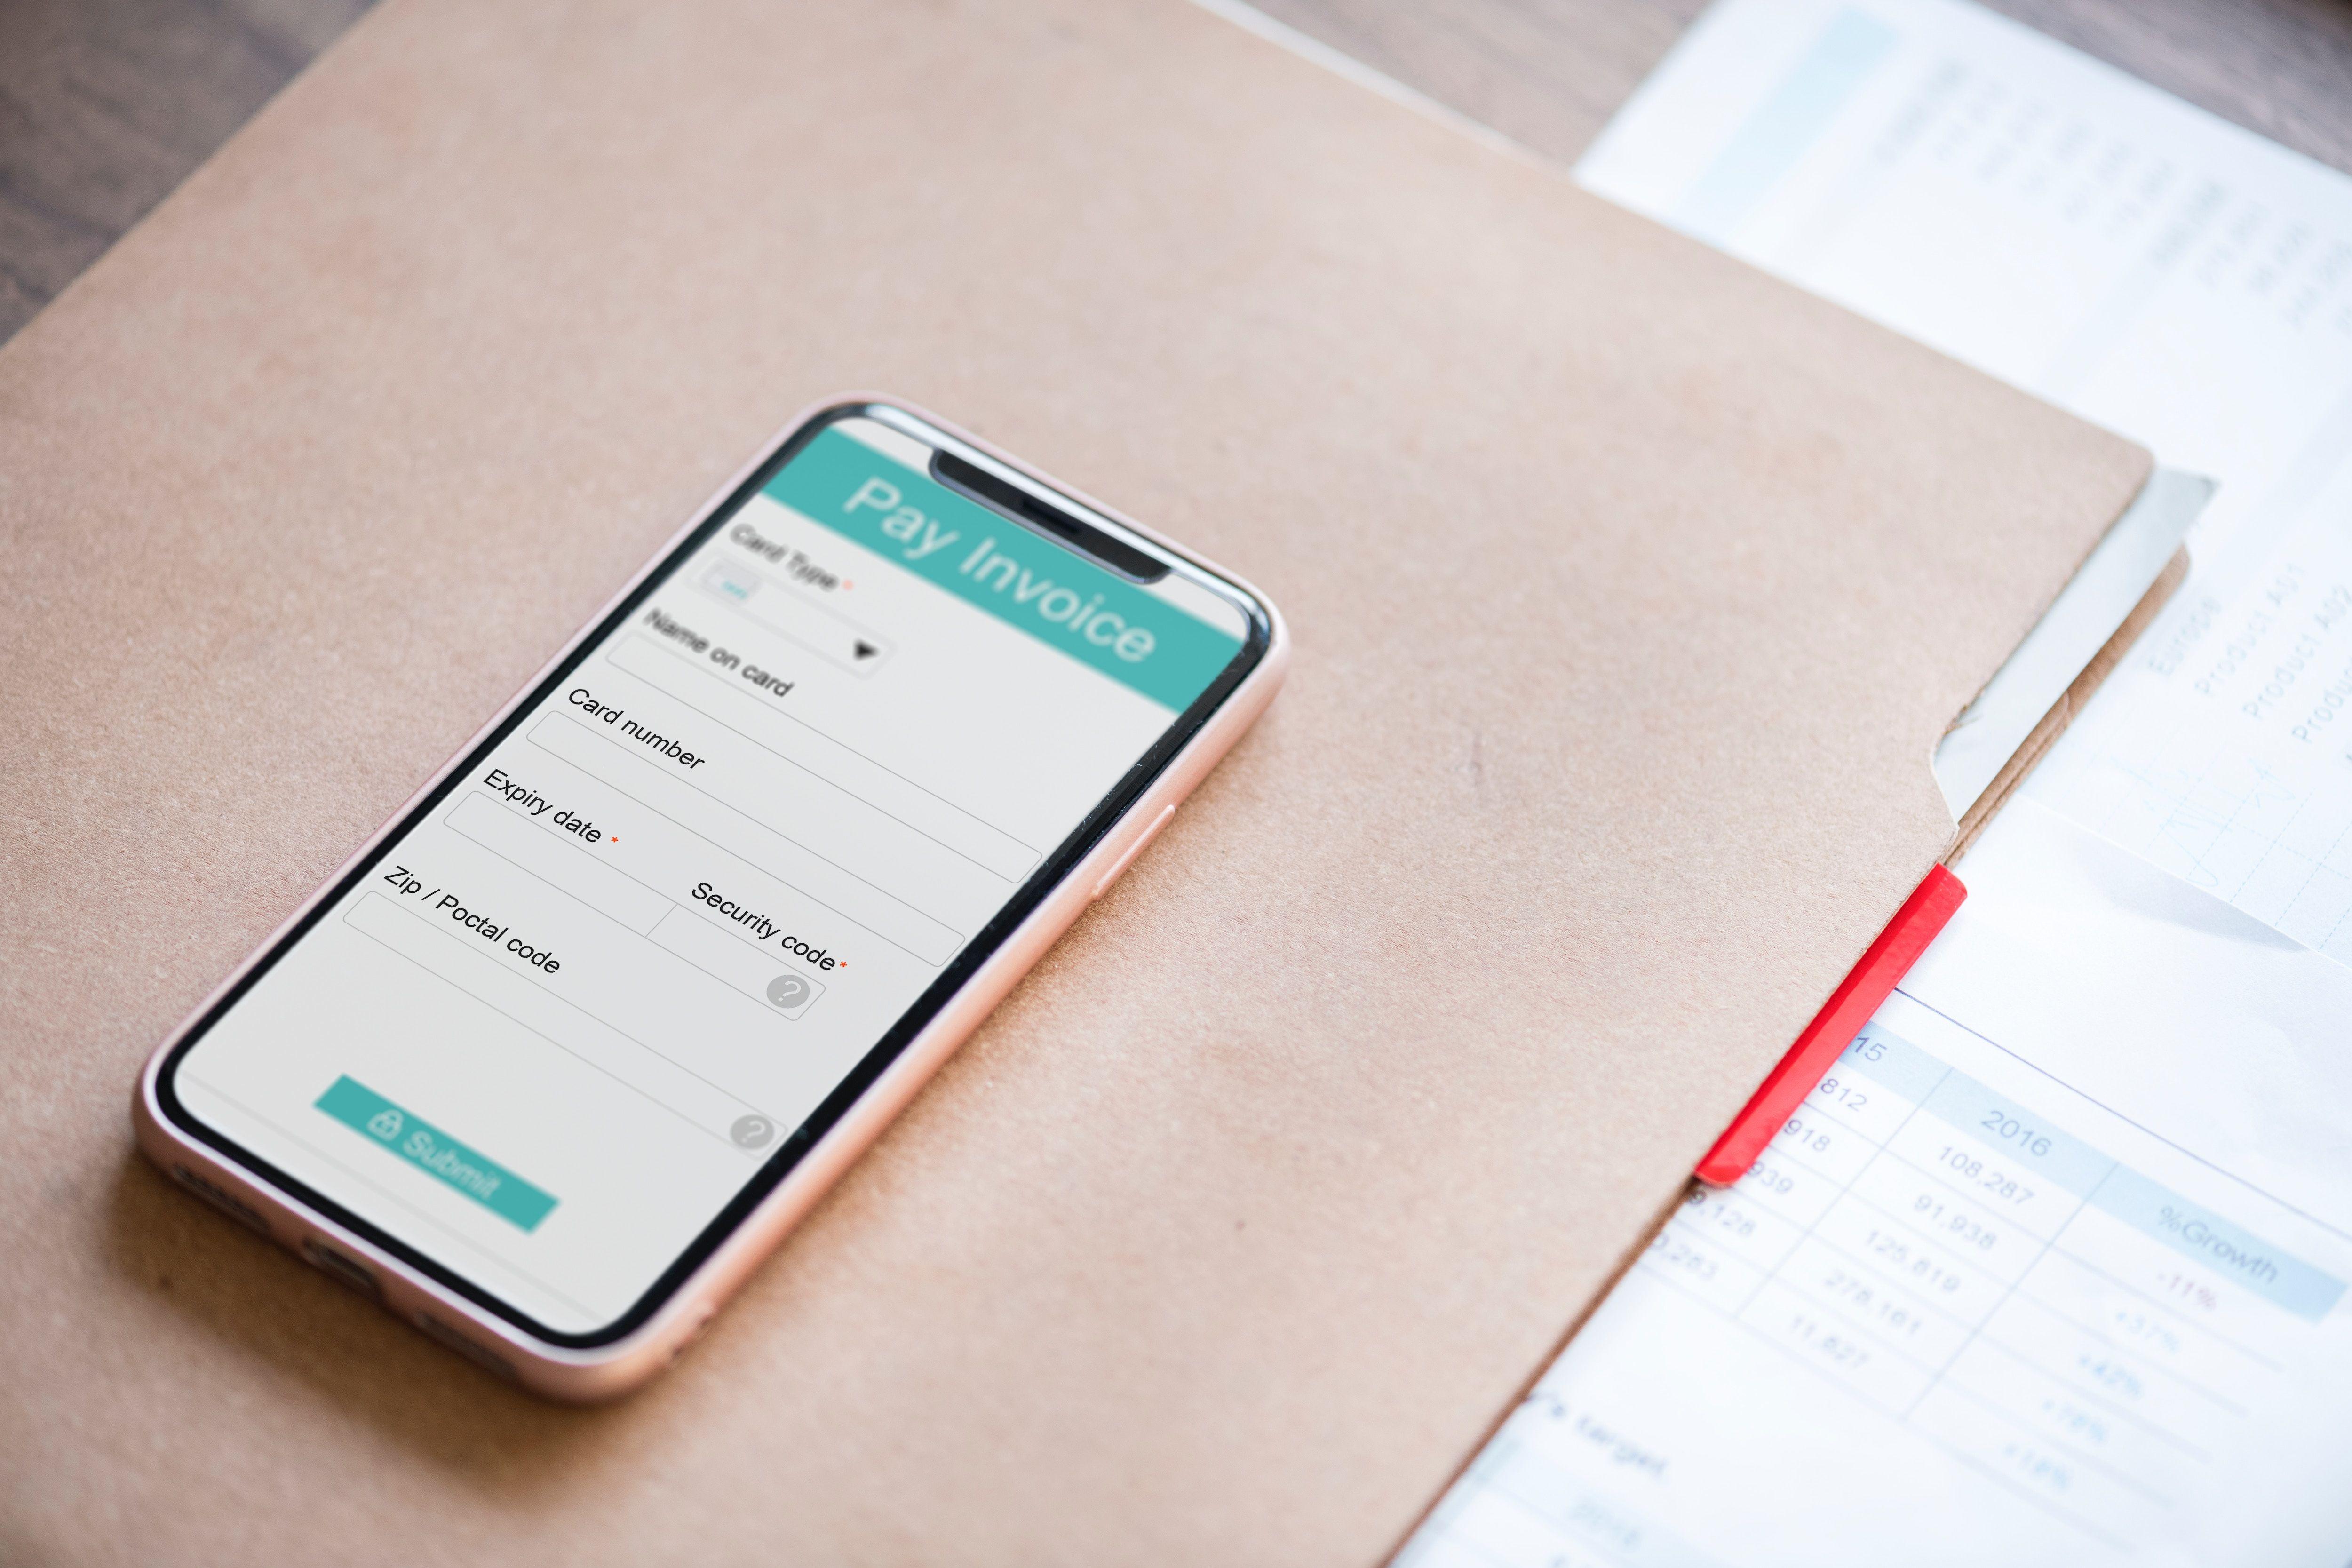 Métodos de pago online en m-commerce y en aplicaciones móviles